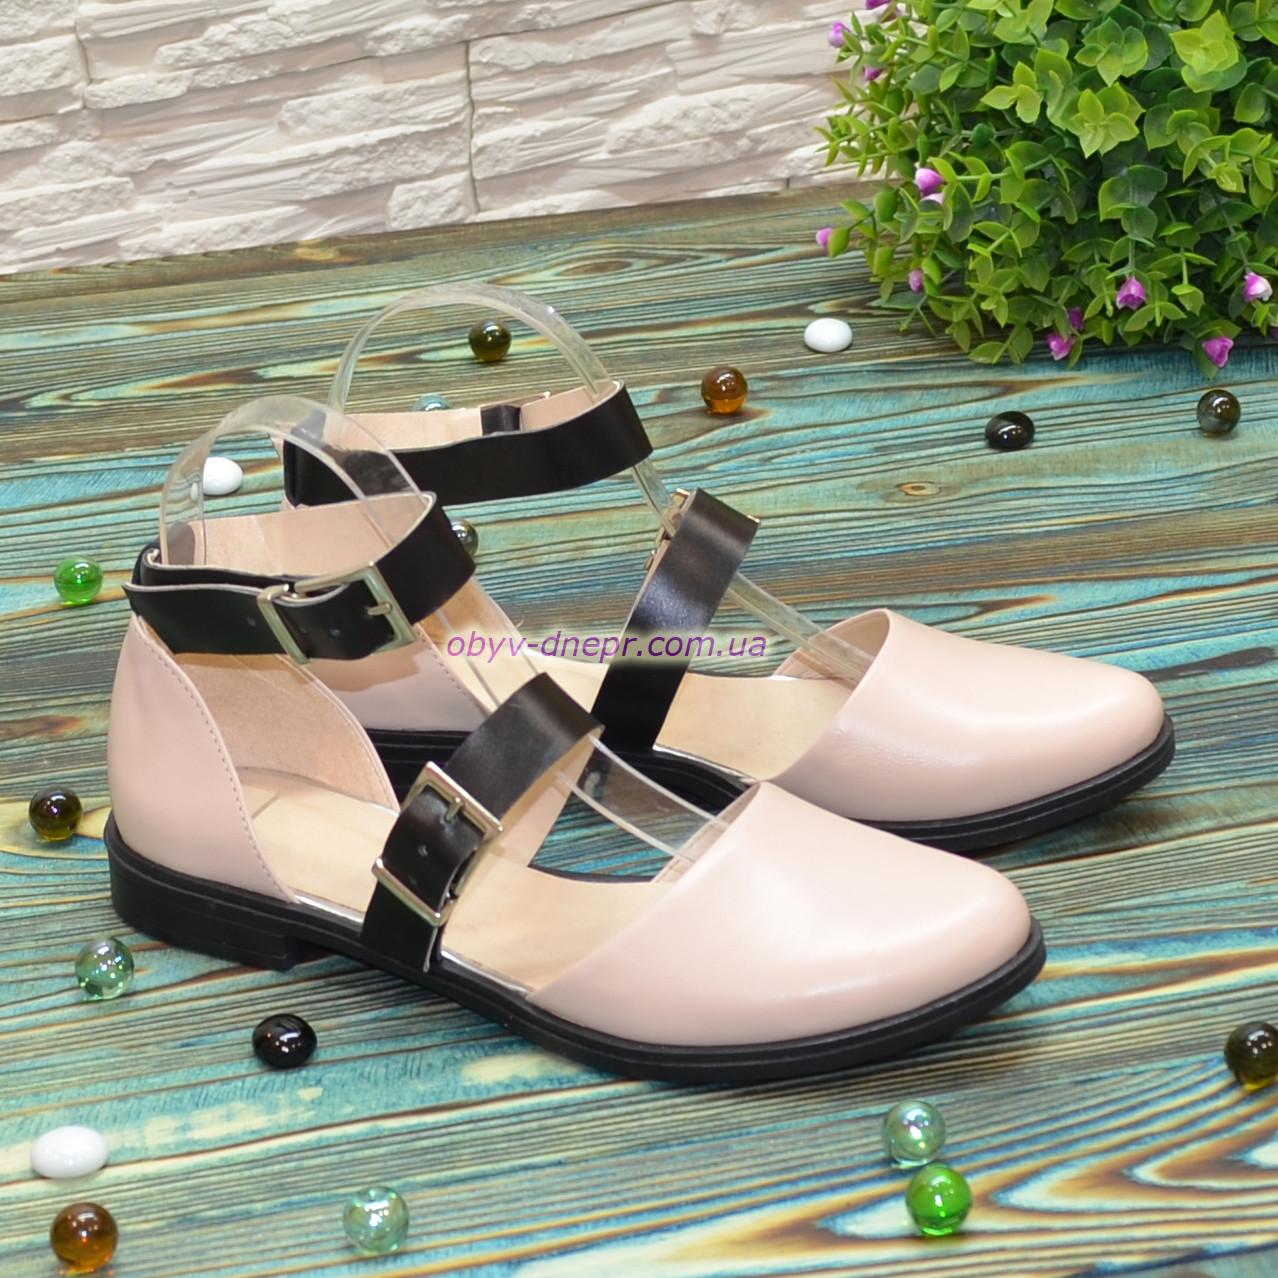 Туфли женские кожаные на низком ходу, цвет беж/черный